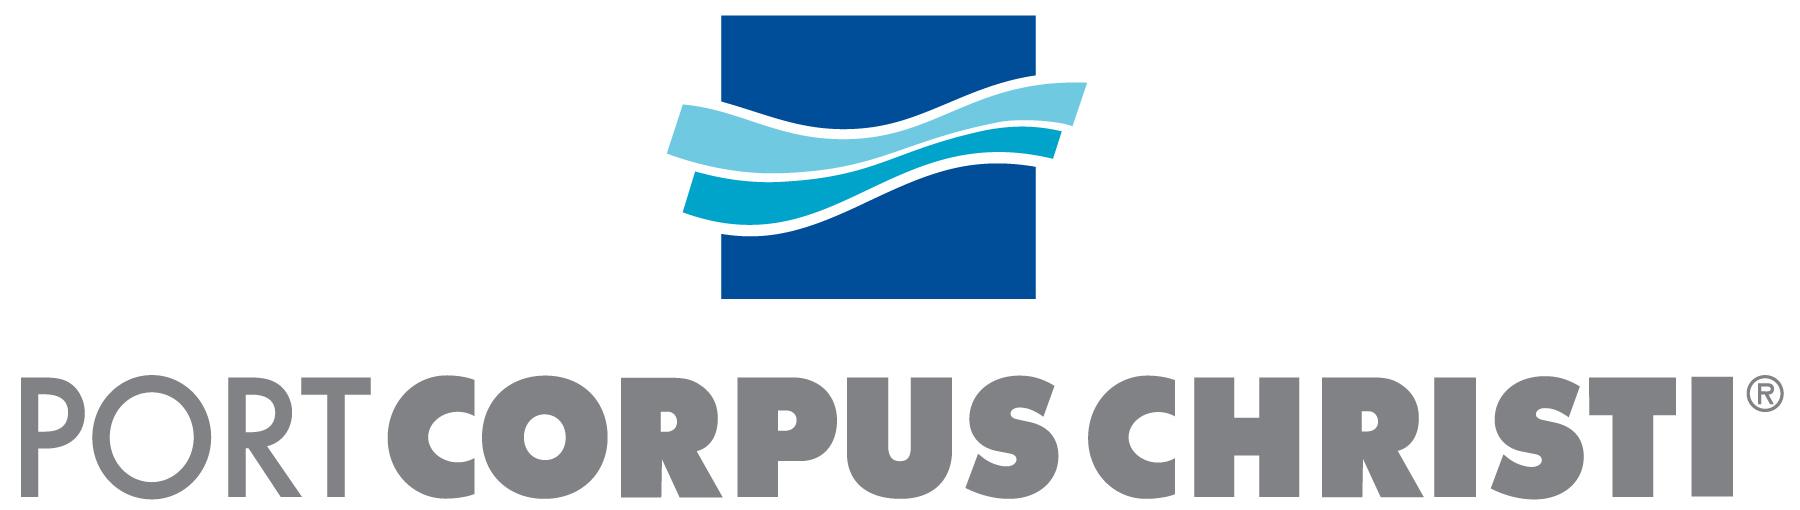 PortCC-2016-logo-vert